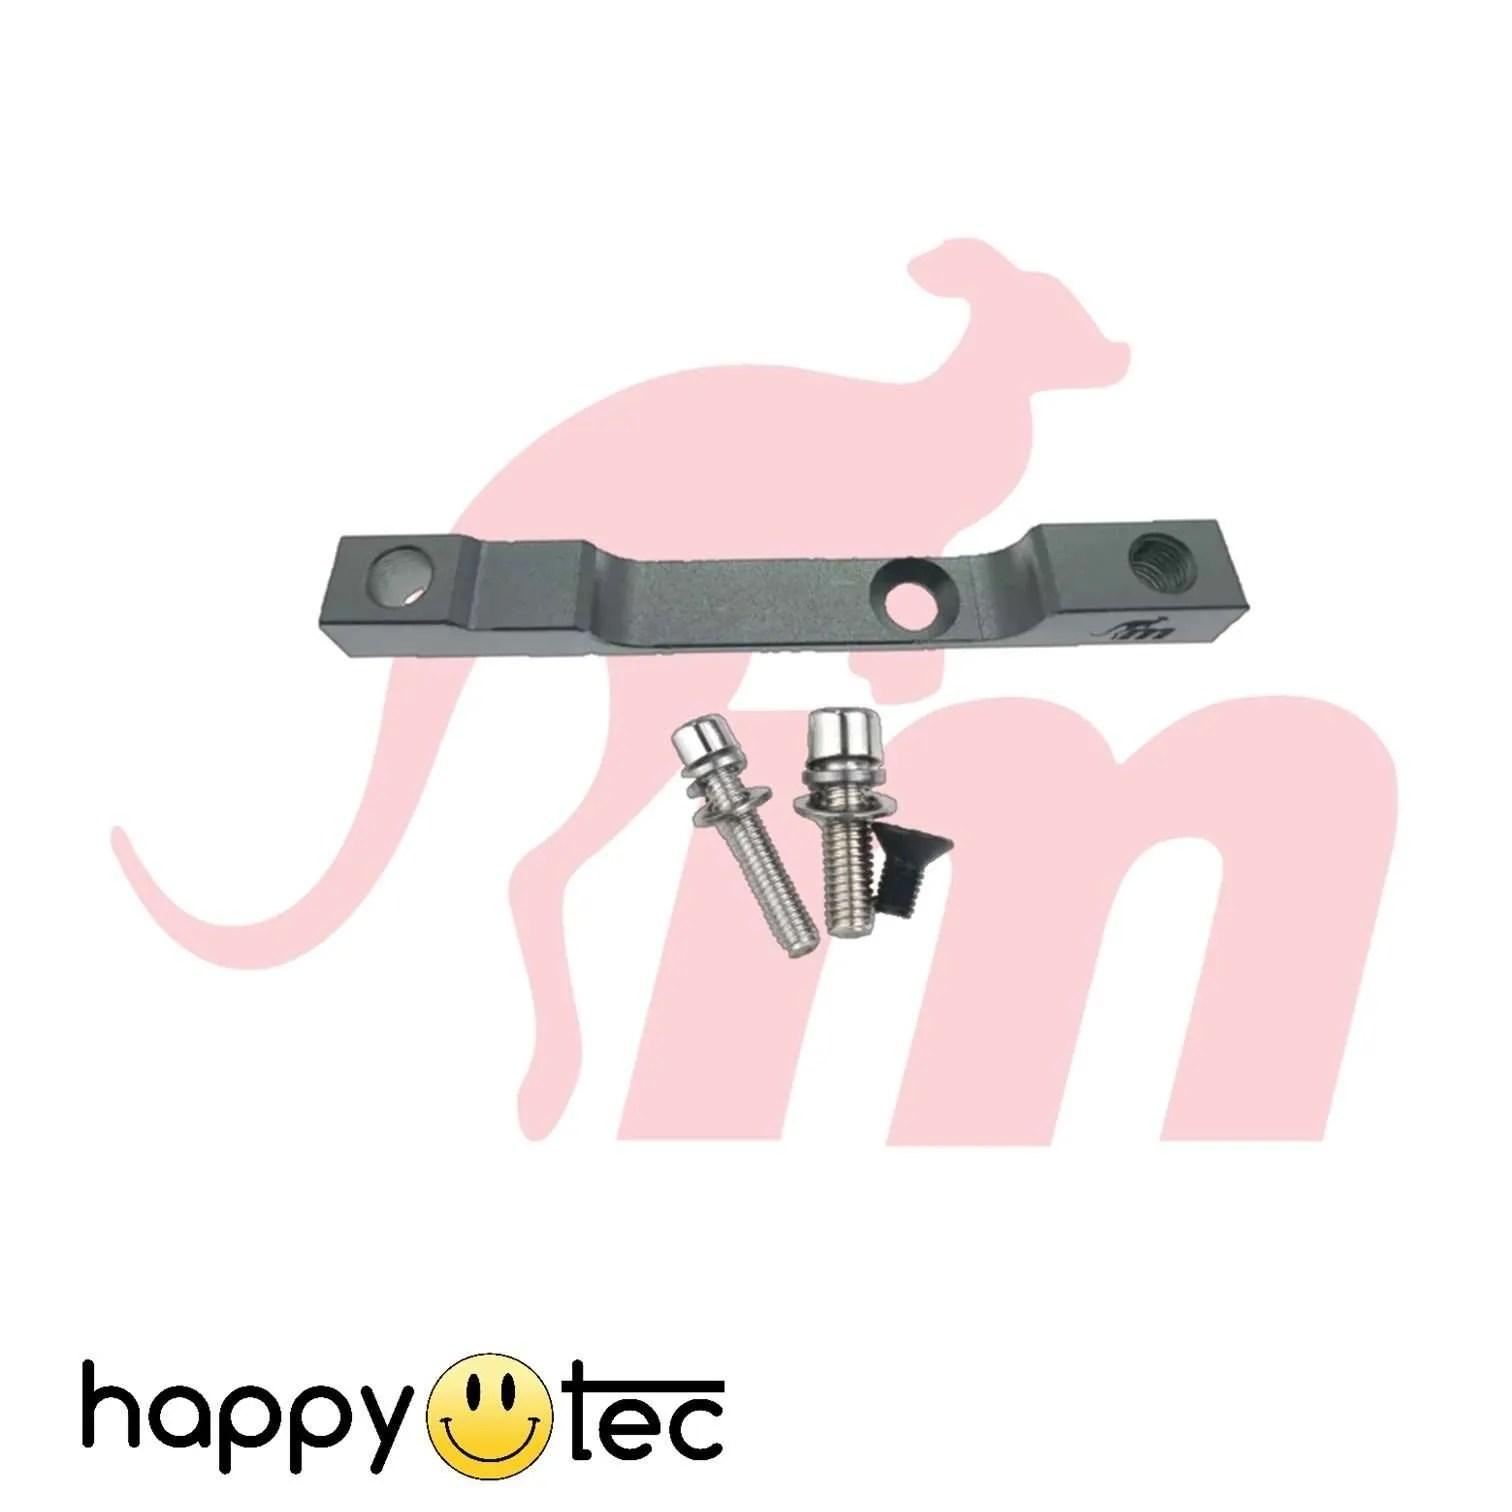 Monorim-Staffa-di-montaggio-pinza-X-Tech-by-Monorim-4 ricambi accessori riparazione assistenza tecnica monopattini elettrici monorim